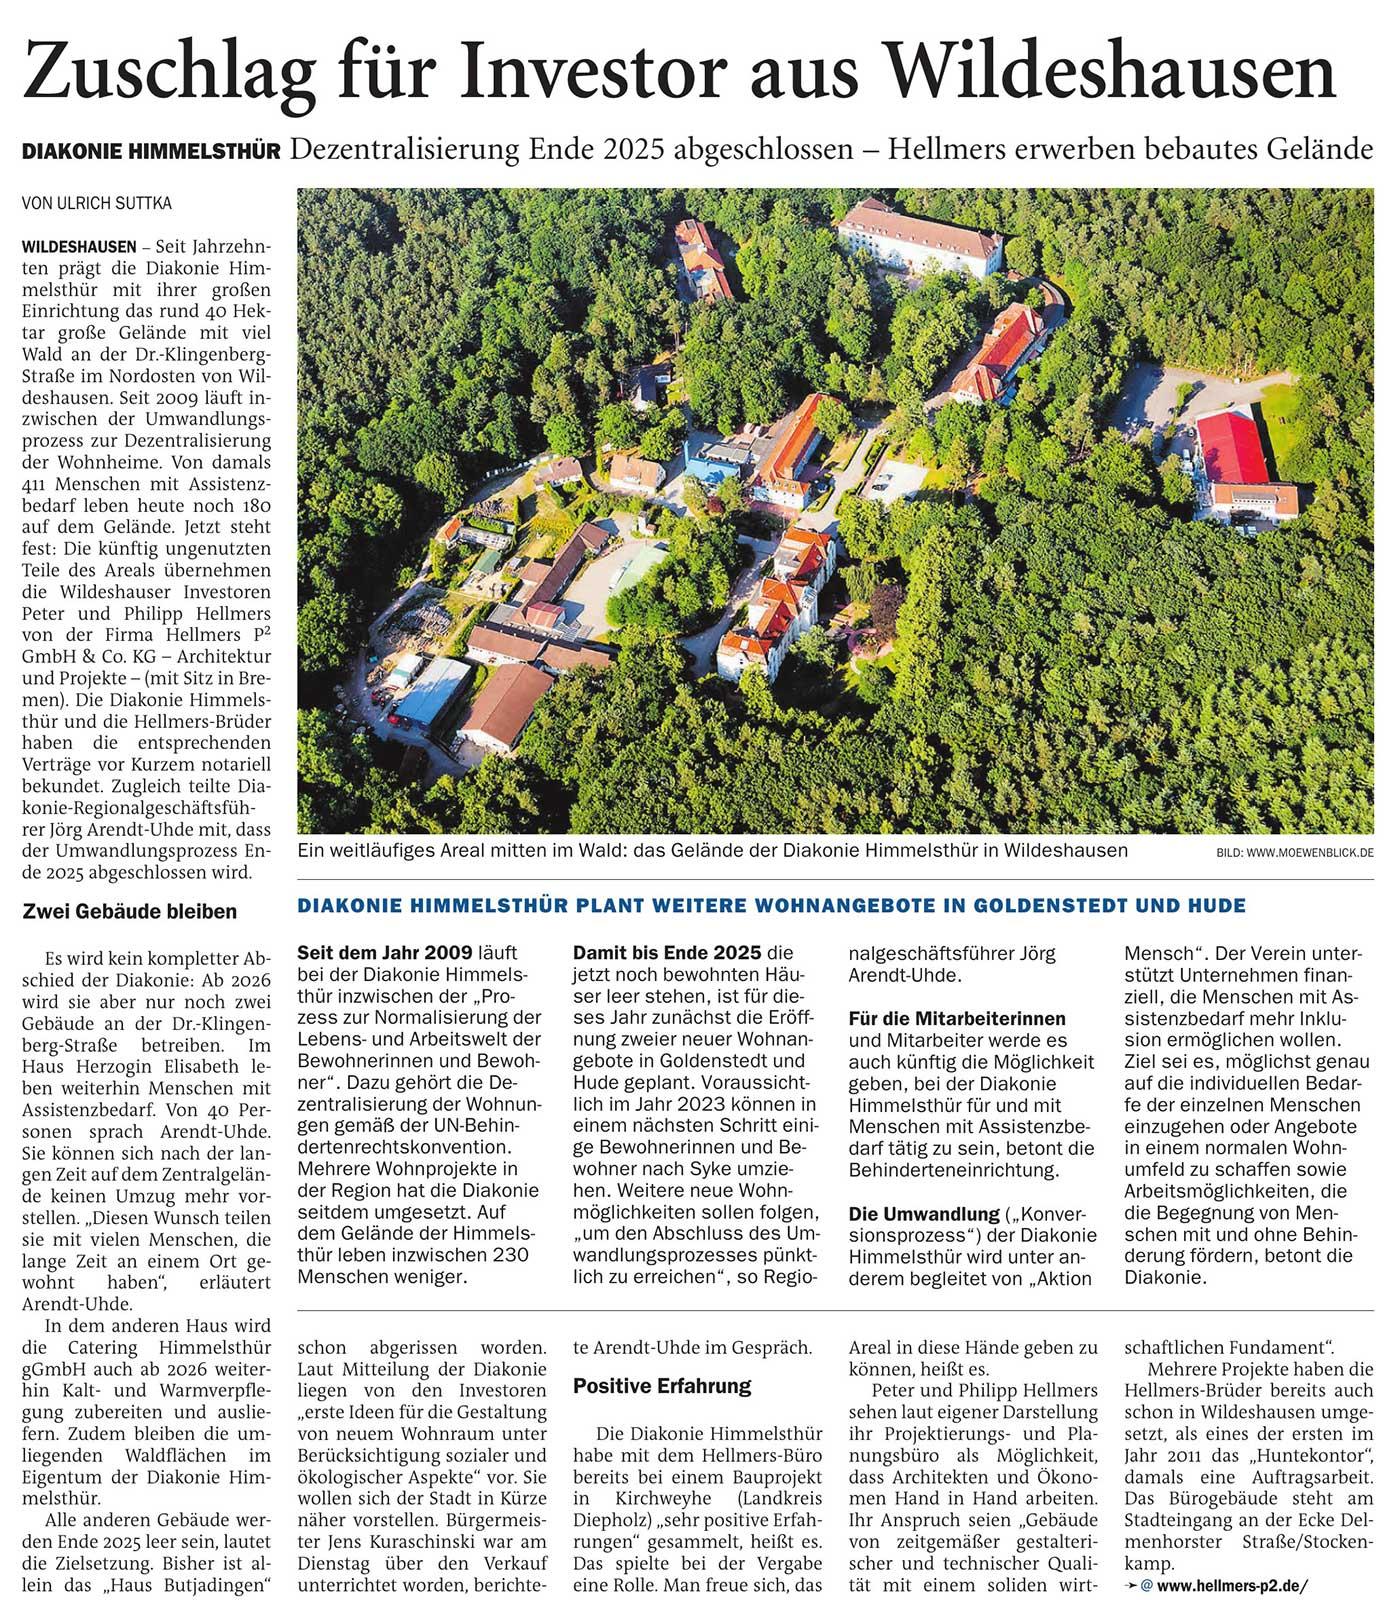 Zuschlag für Investor aus WildeshausenDiakonie Himmelsthür: Dezentralisierung Ende 2025 abgeschlossen - Hellmers erwerben bebautes GeländeArtikel vom 15.04.2021 (NWZ)